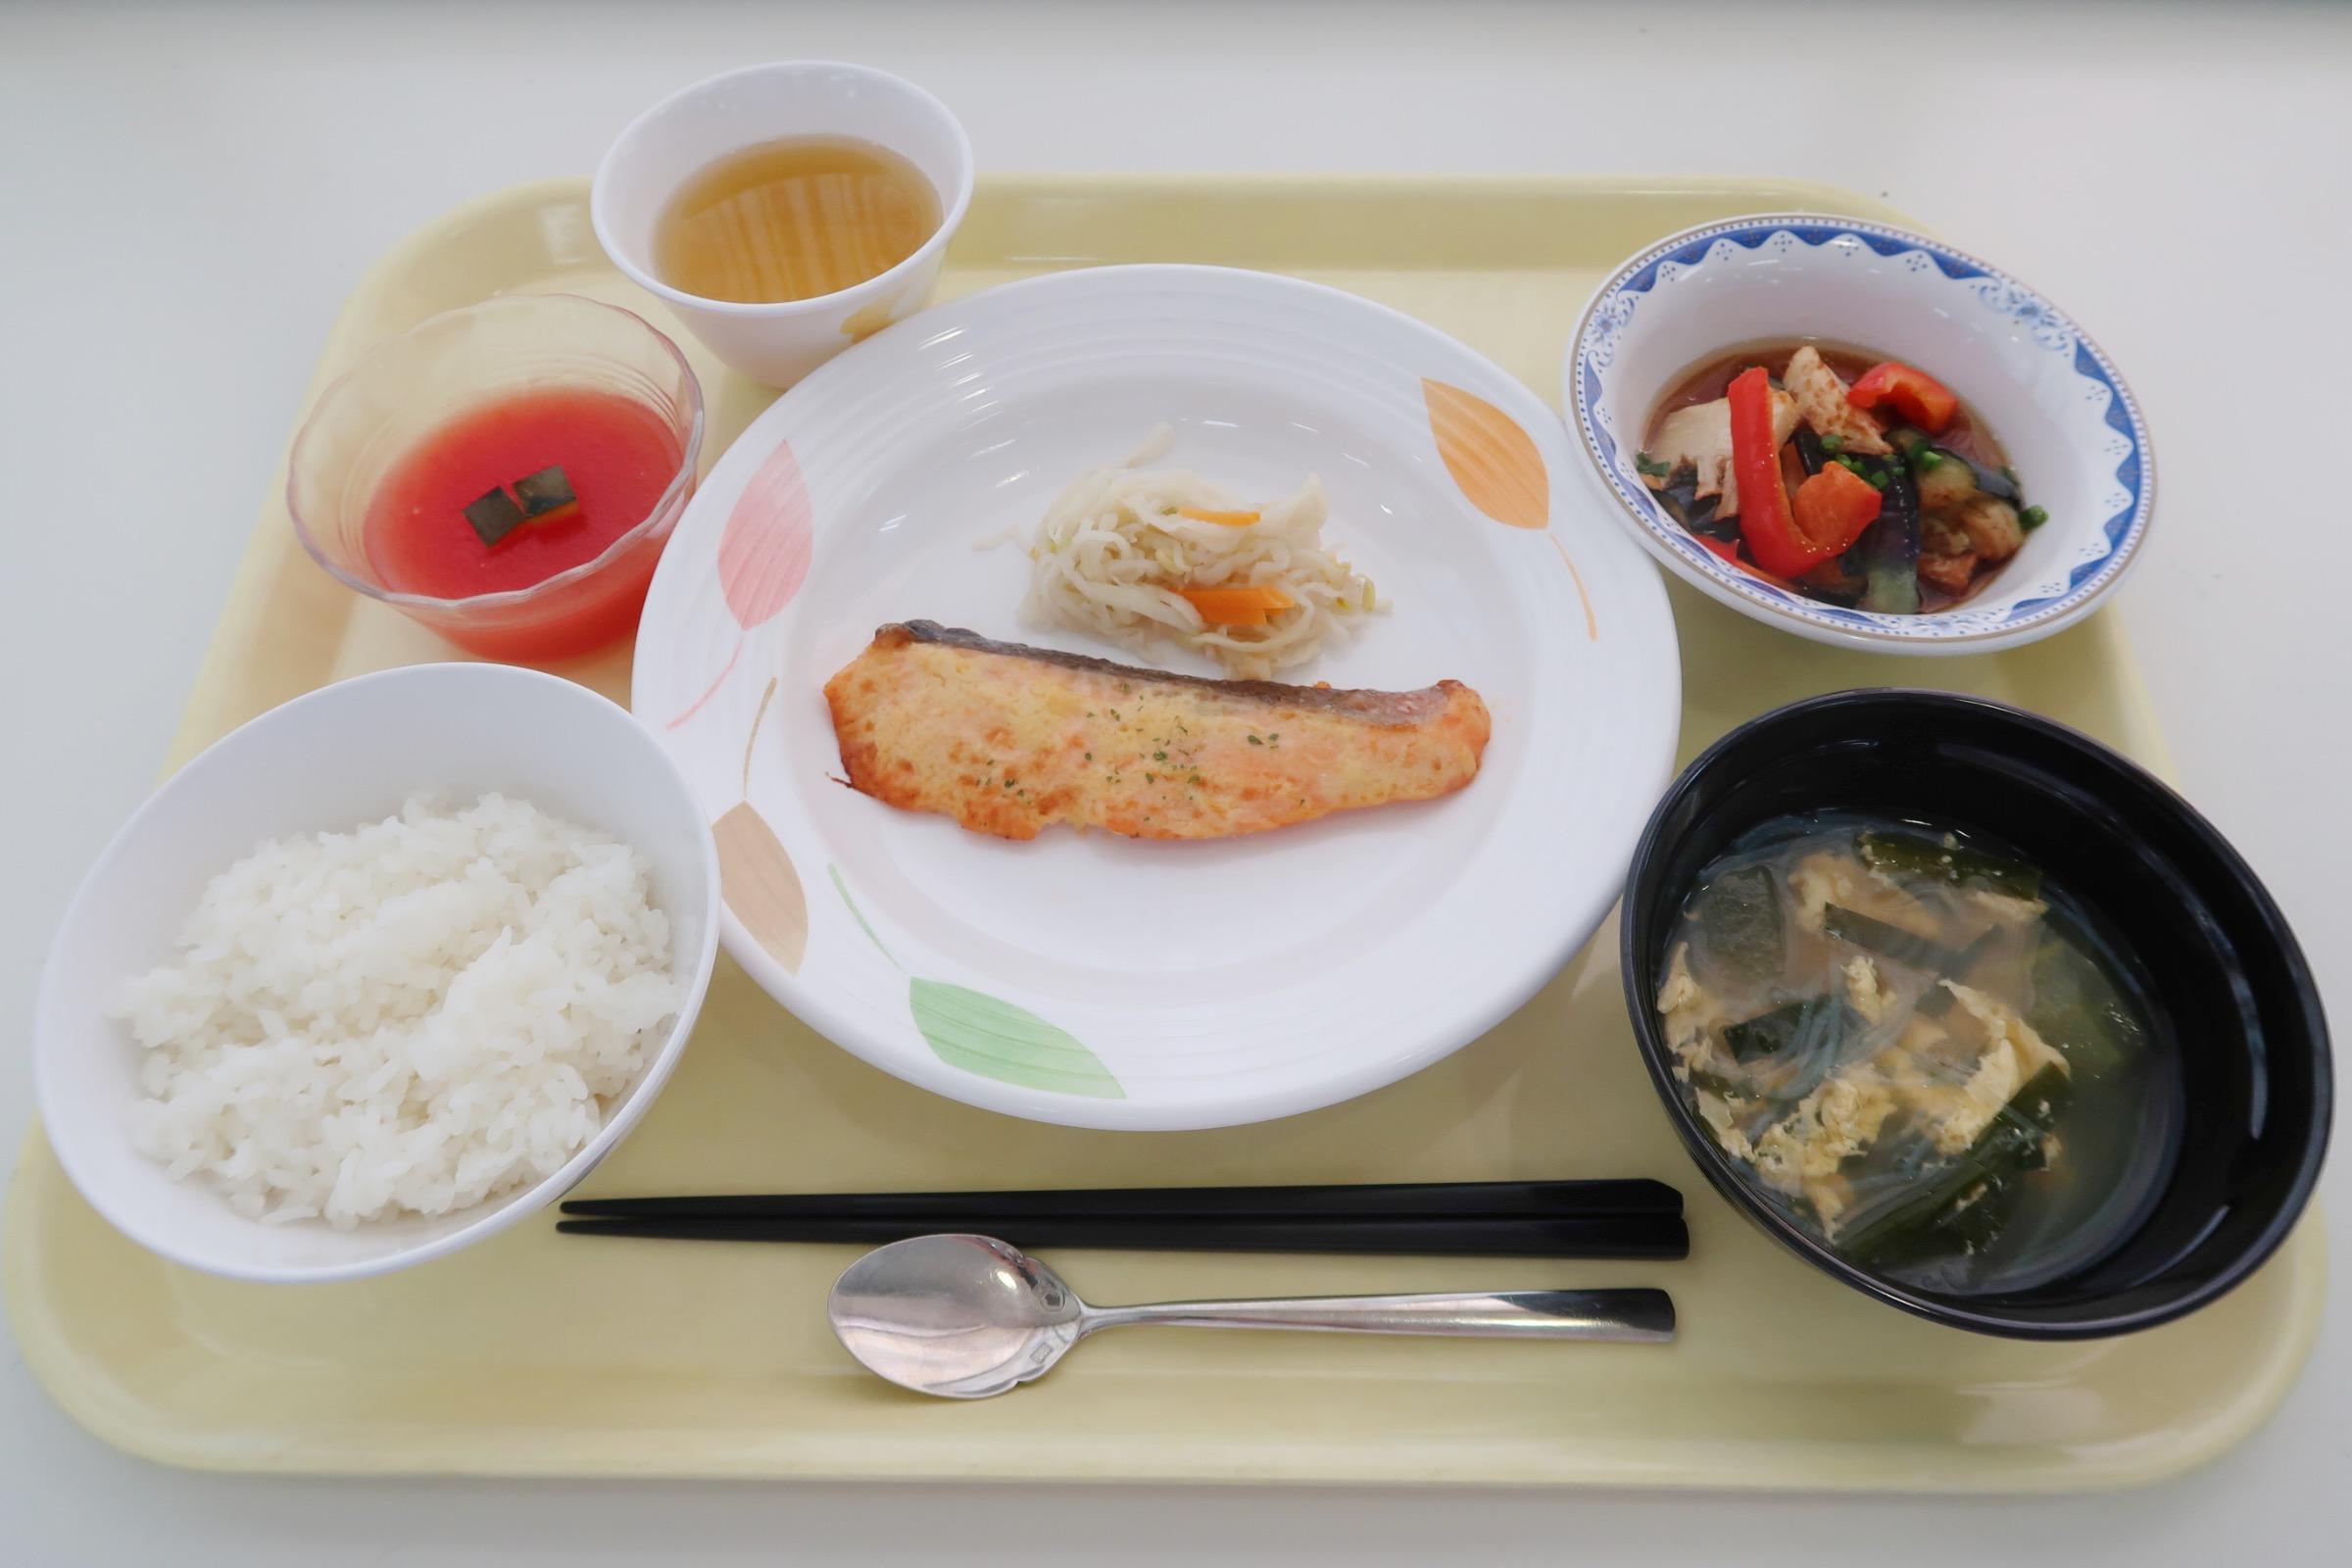 食健康コース2回生 A班のすみれランチ提供